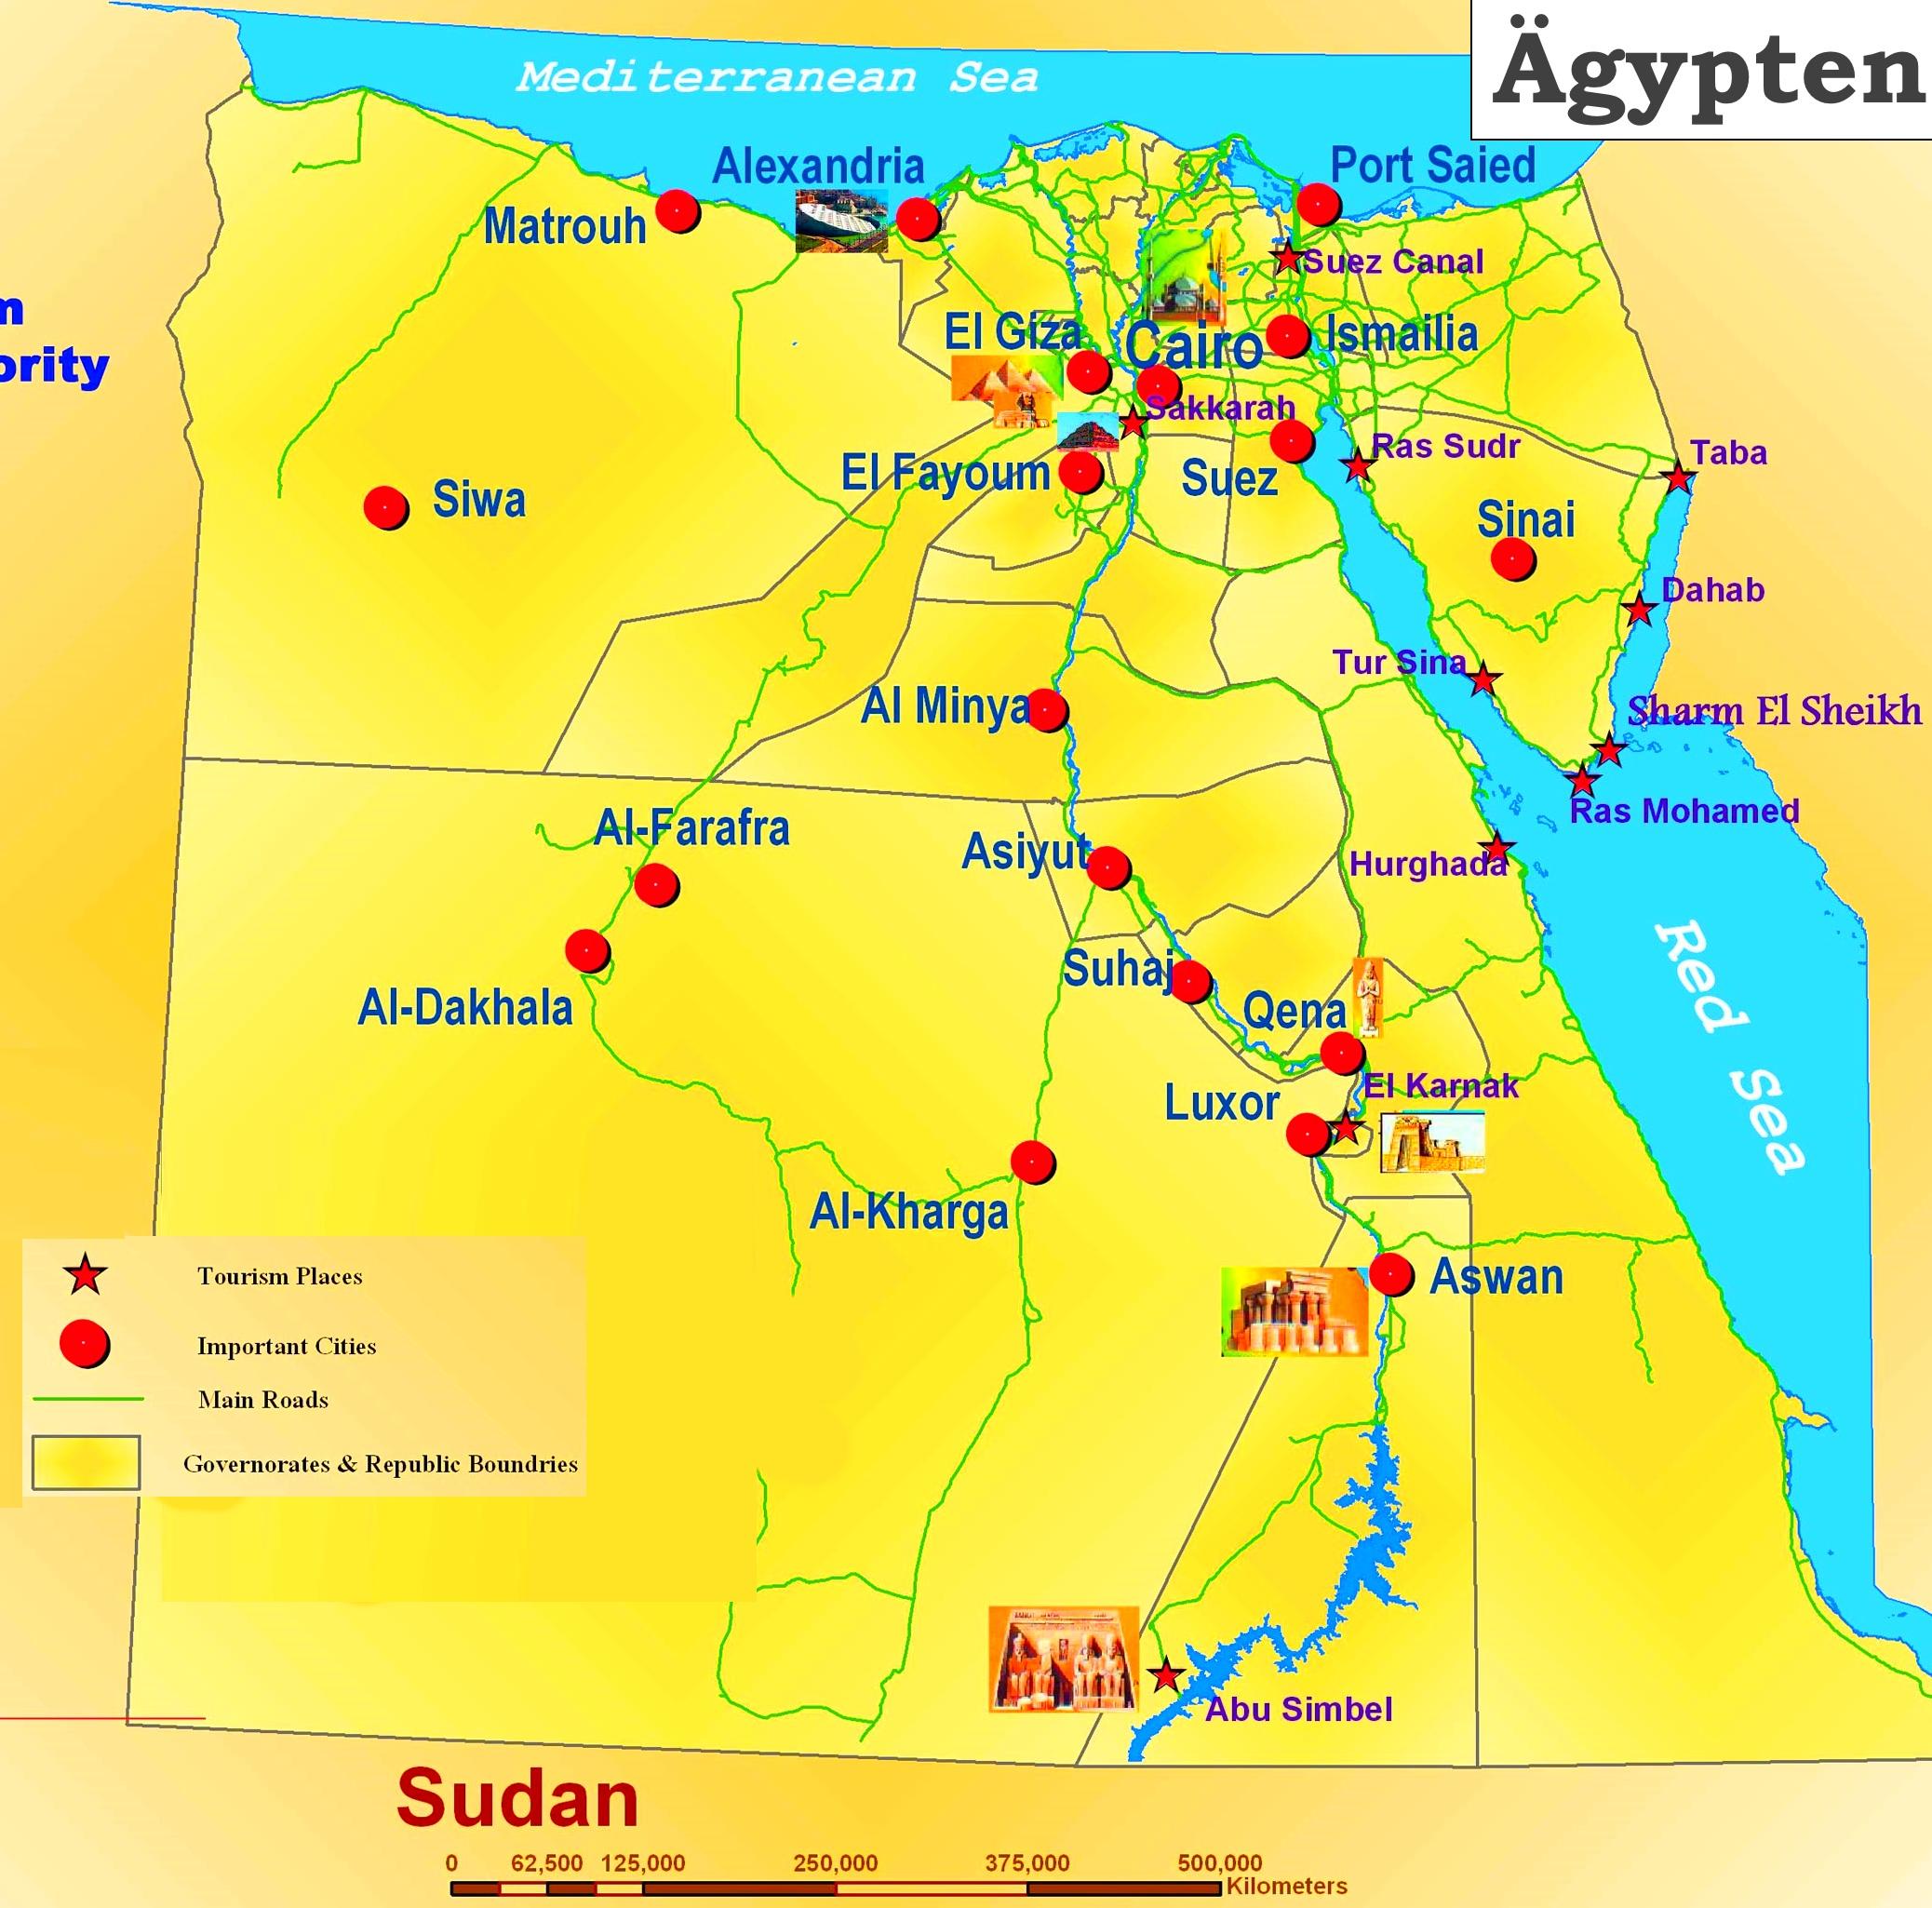 Karte Von ägypten.Karte Von ägypten Mit Die Urlaubsorten